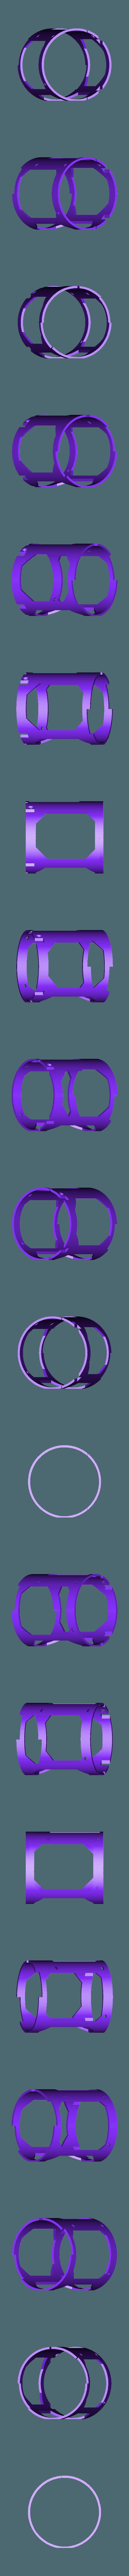 MacWintel_Pro_inner_frame.stl Télécharger fichier STL gratuit MacWintel Pro v2.1 • Objet pour impression 3D, The_Craft_Dude